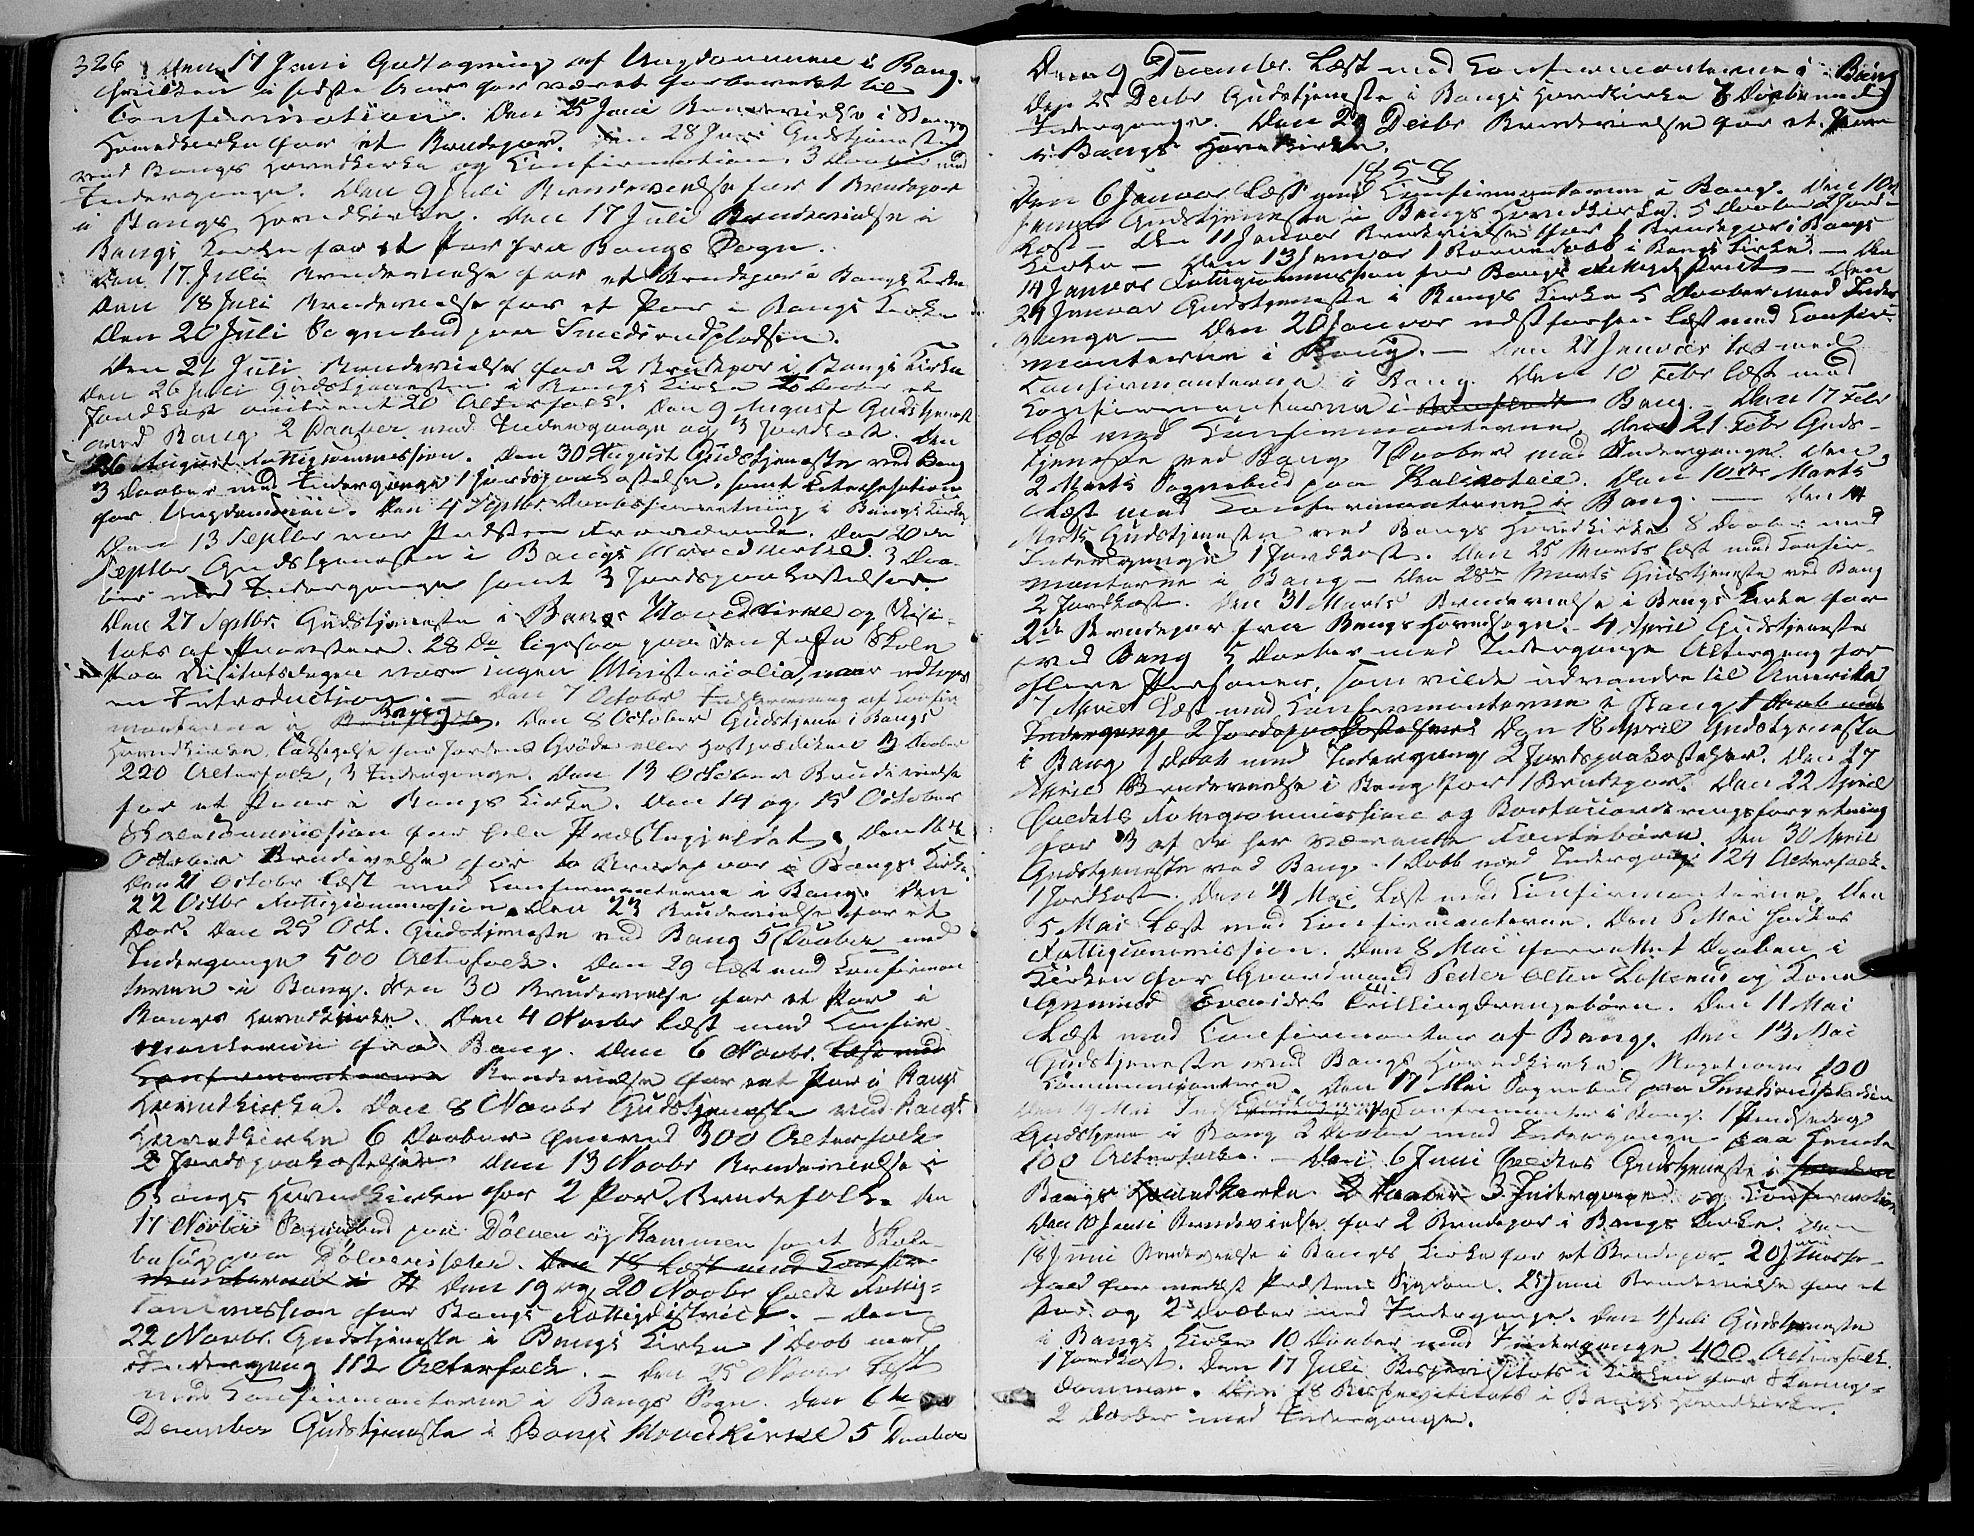 SAH, Sør-Aurdal prestekontor, Ministerialbok nr. 5, 1849-1876, s. 326